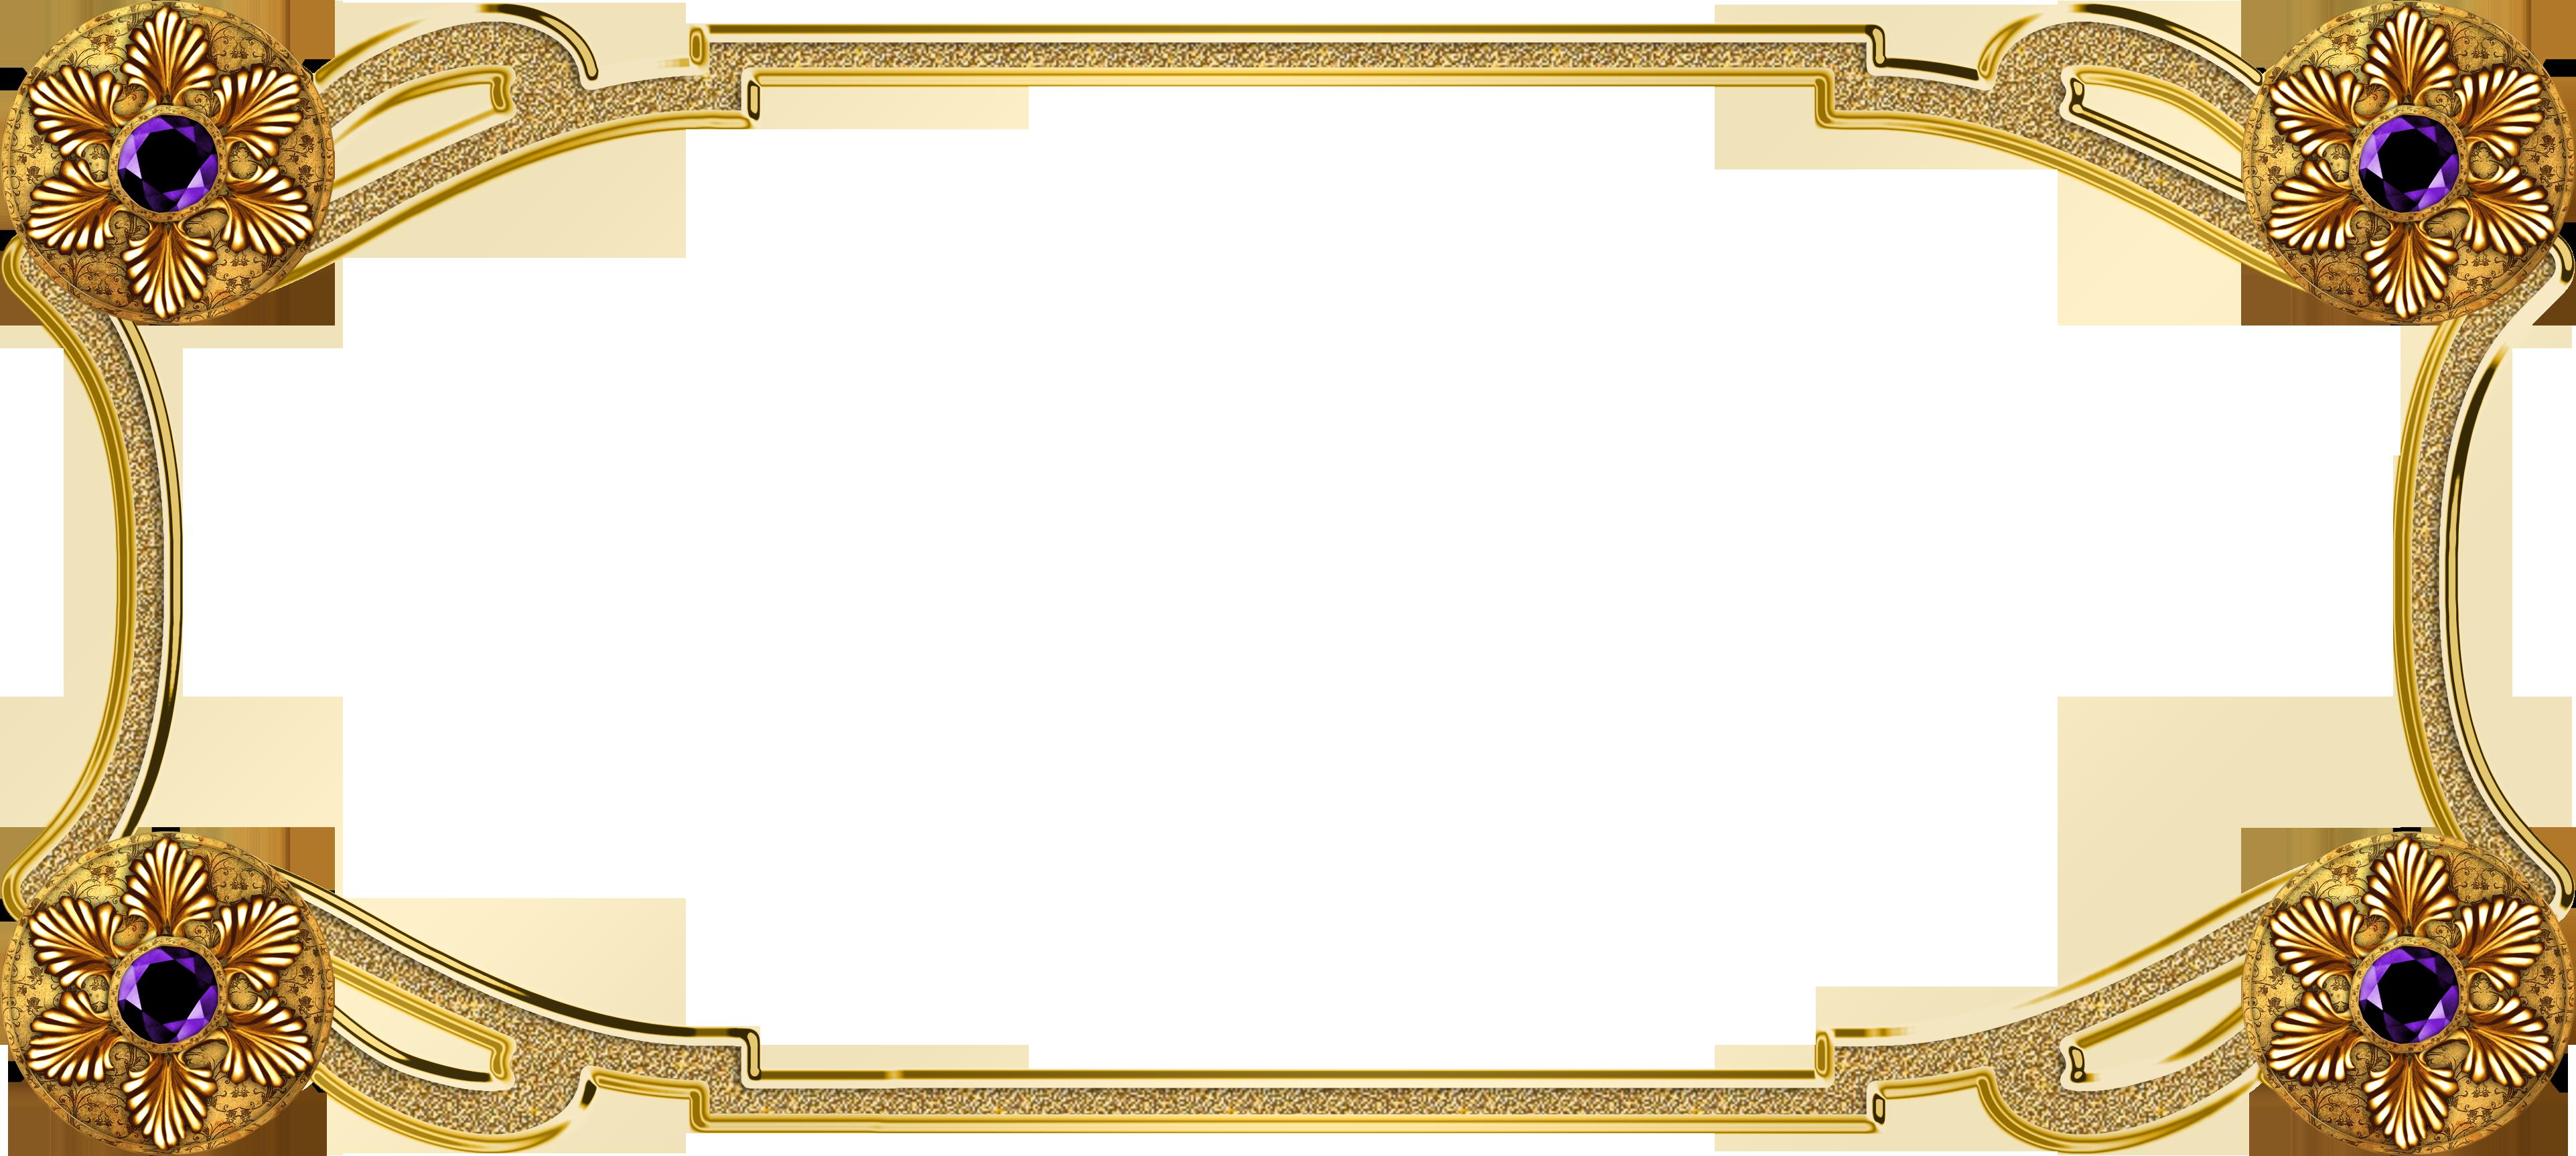 лишь малая золотистая рамка для фото с именем одном